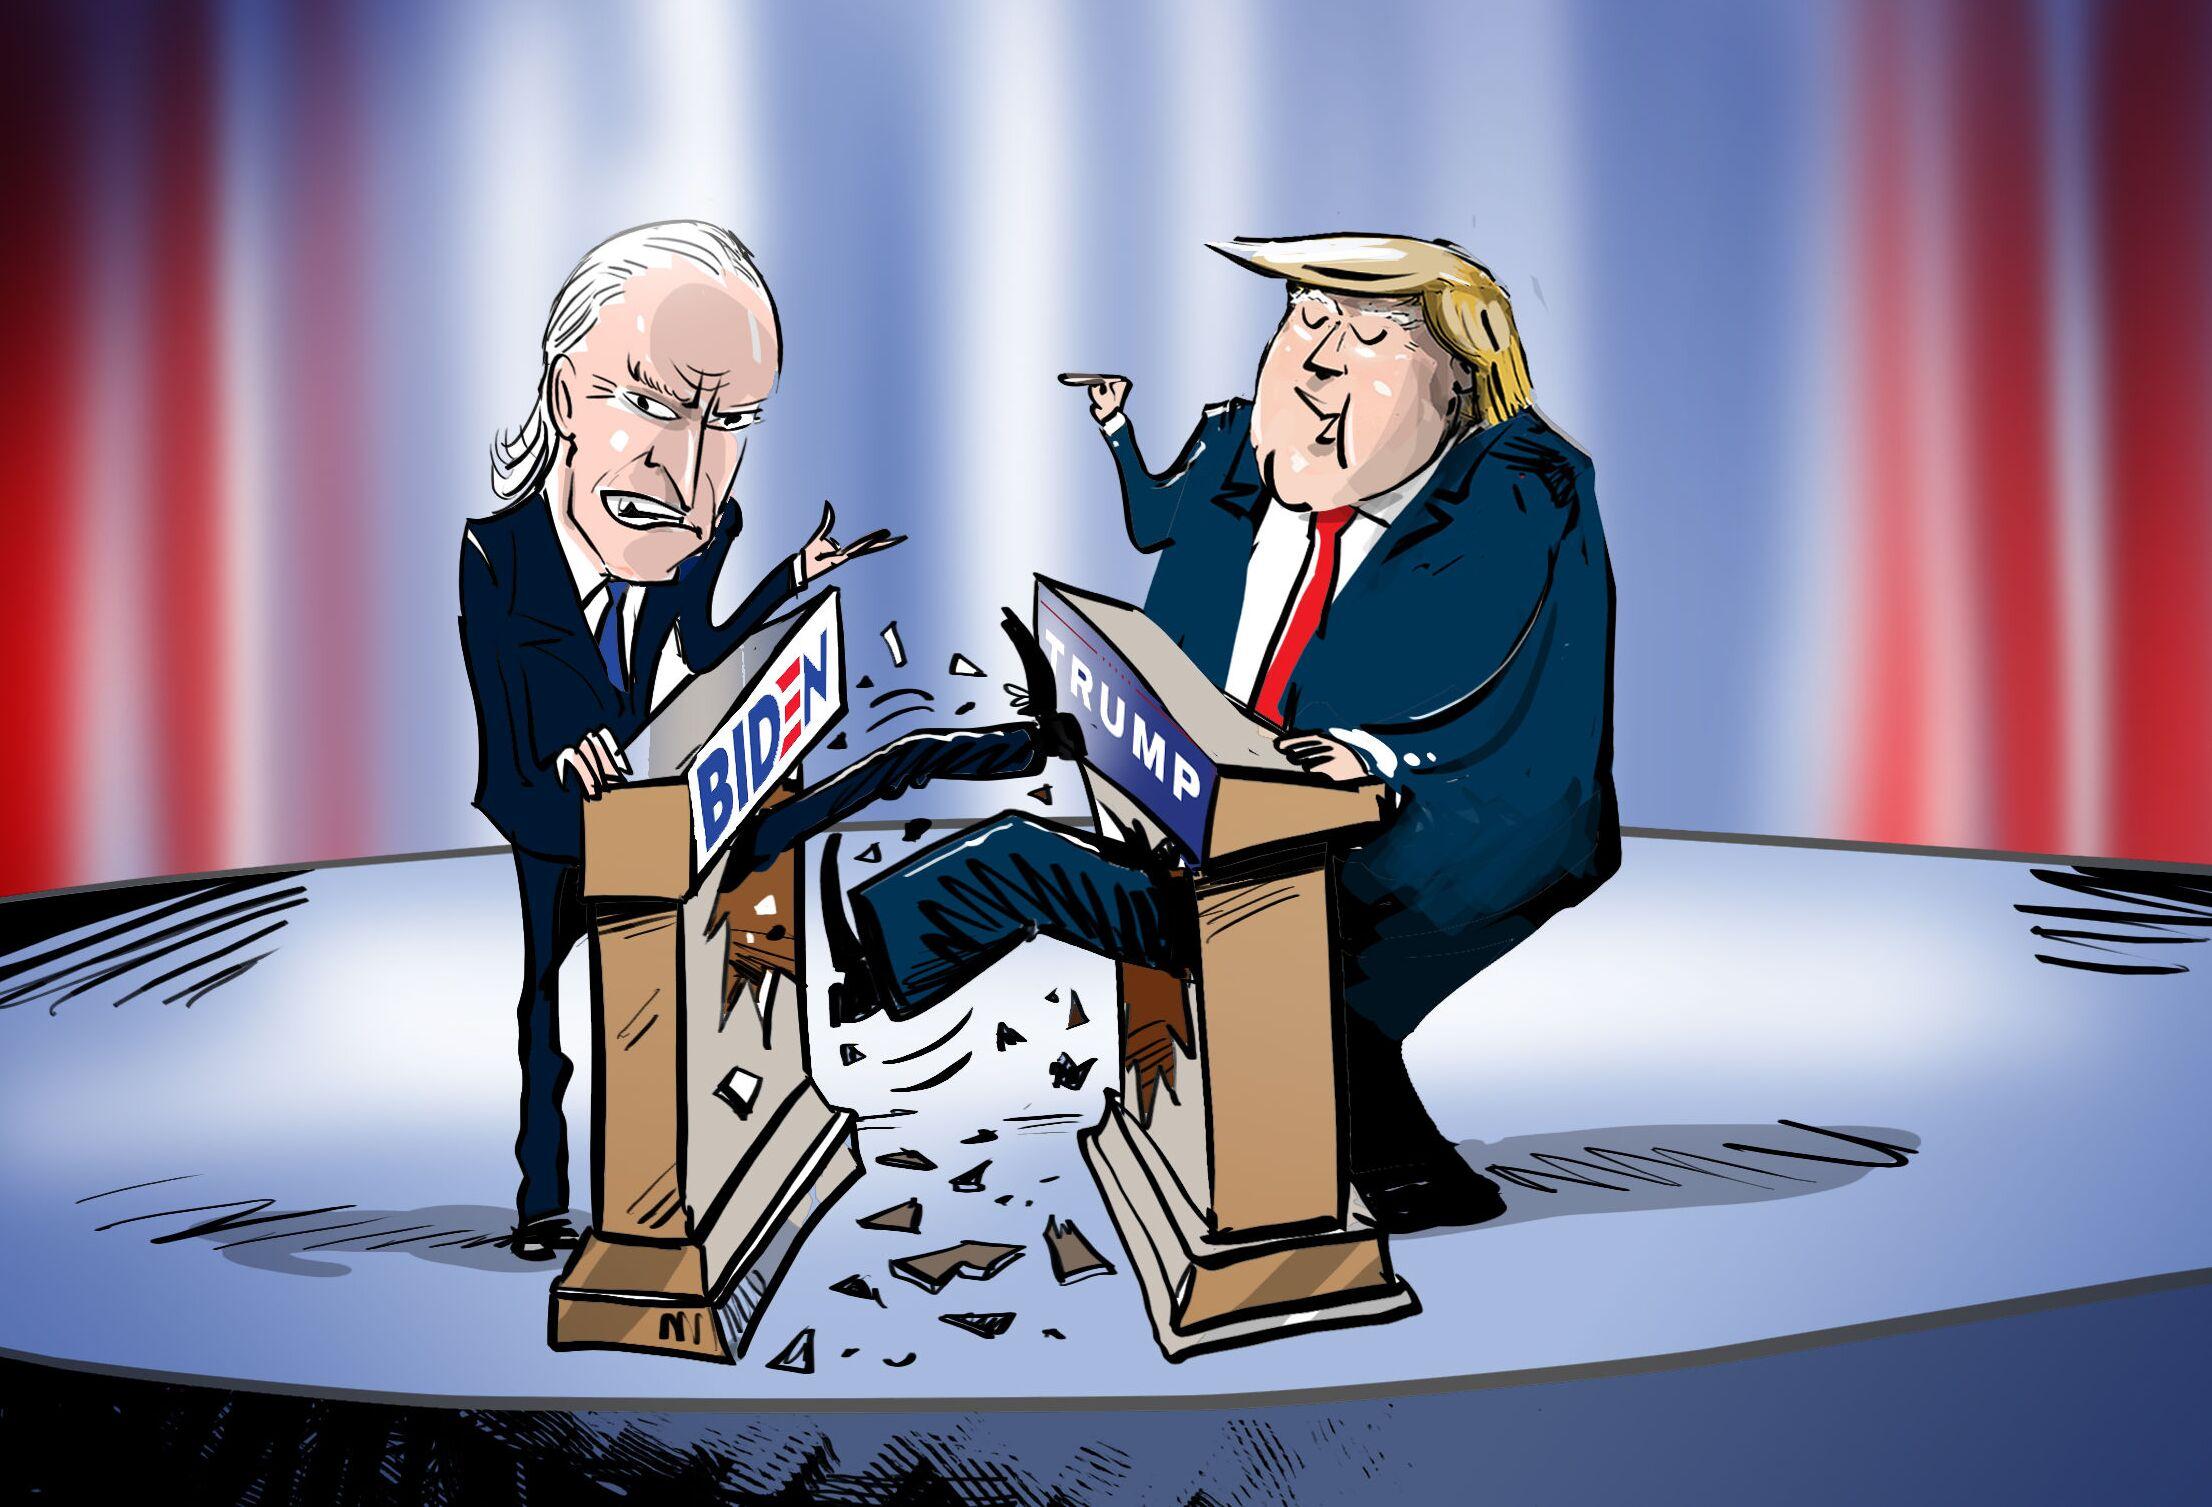 ترامب وبايدن في أكثر المناظرات إثارة للجدل